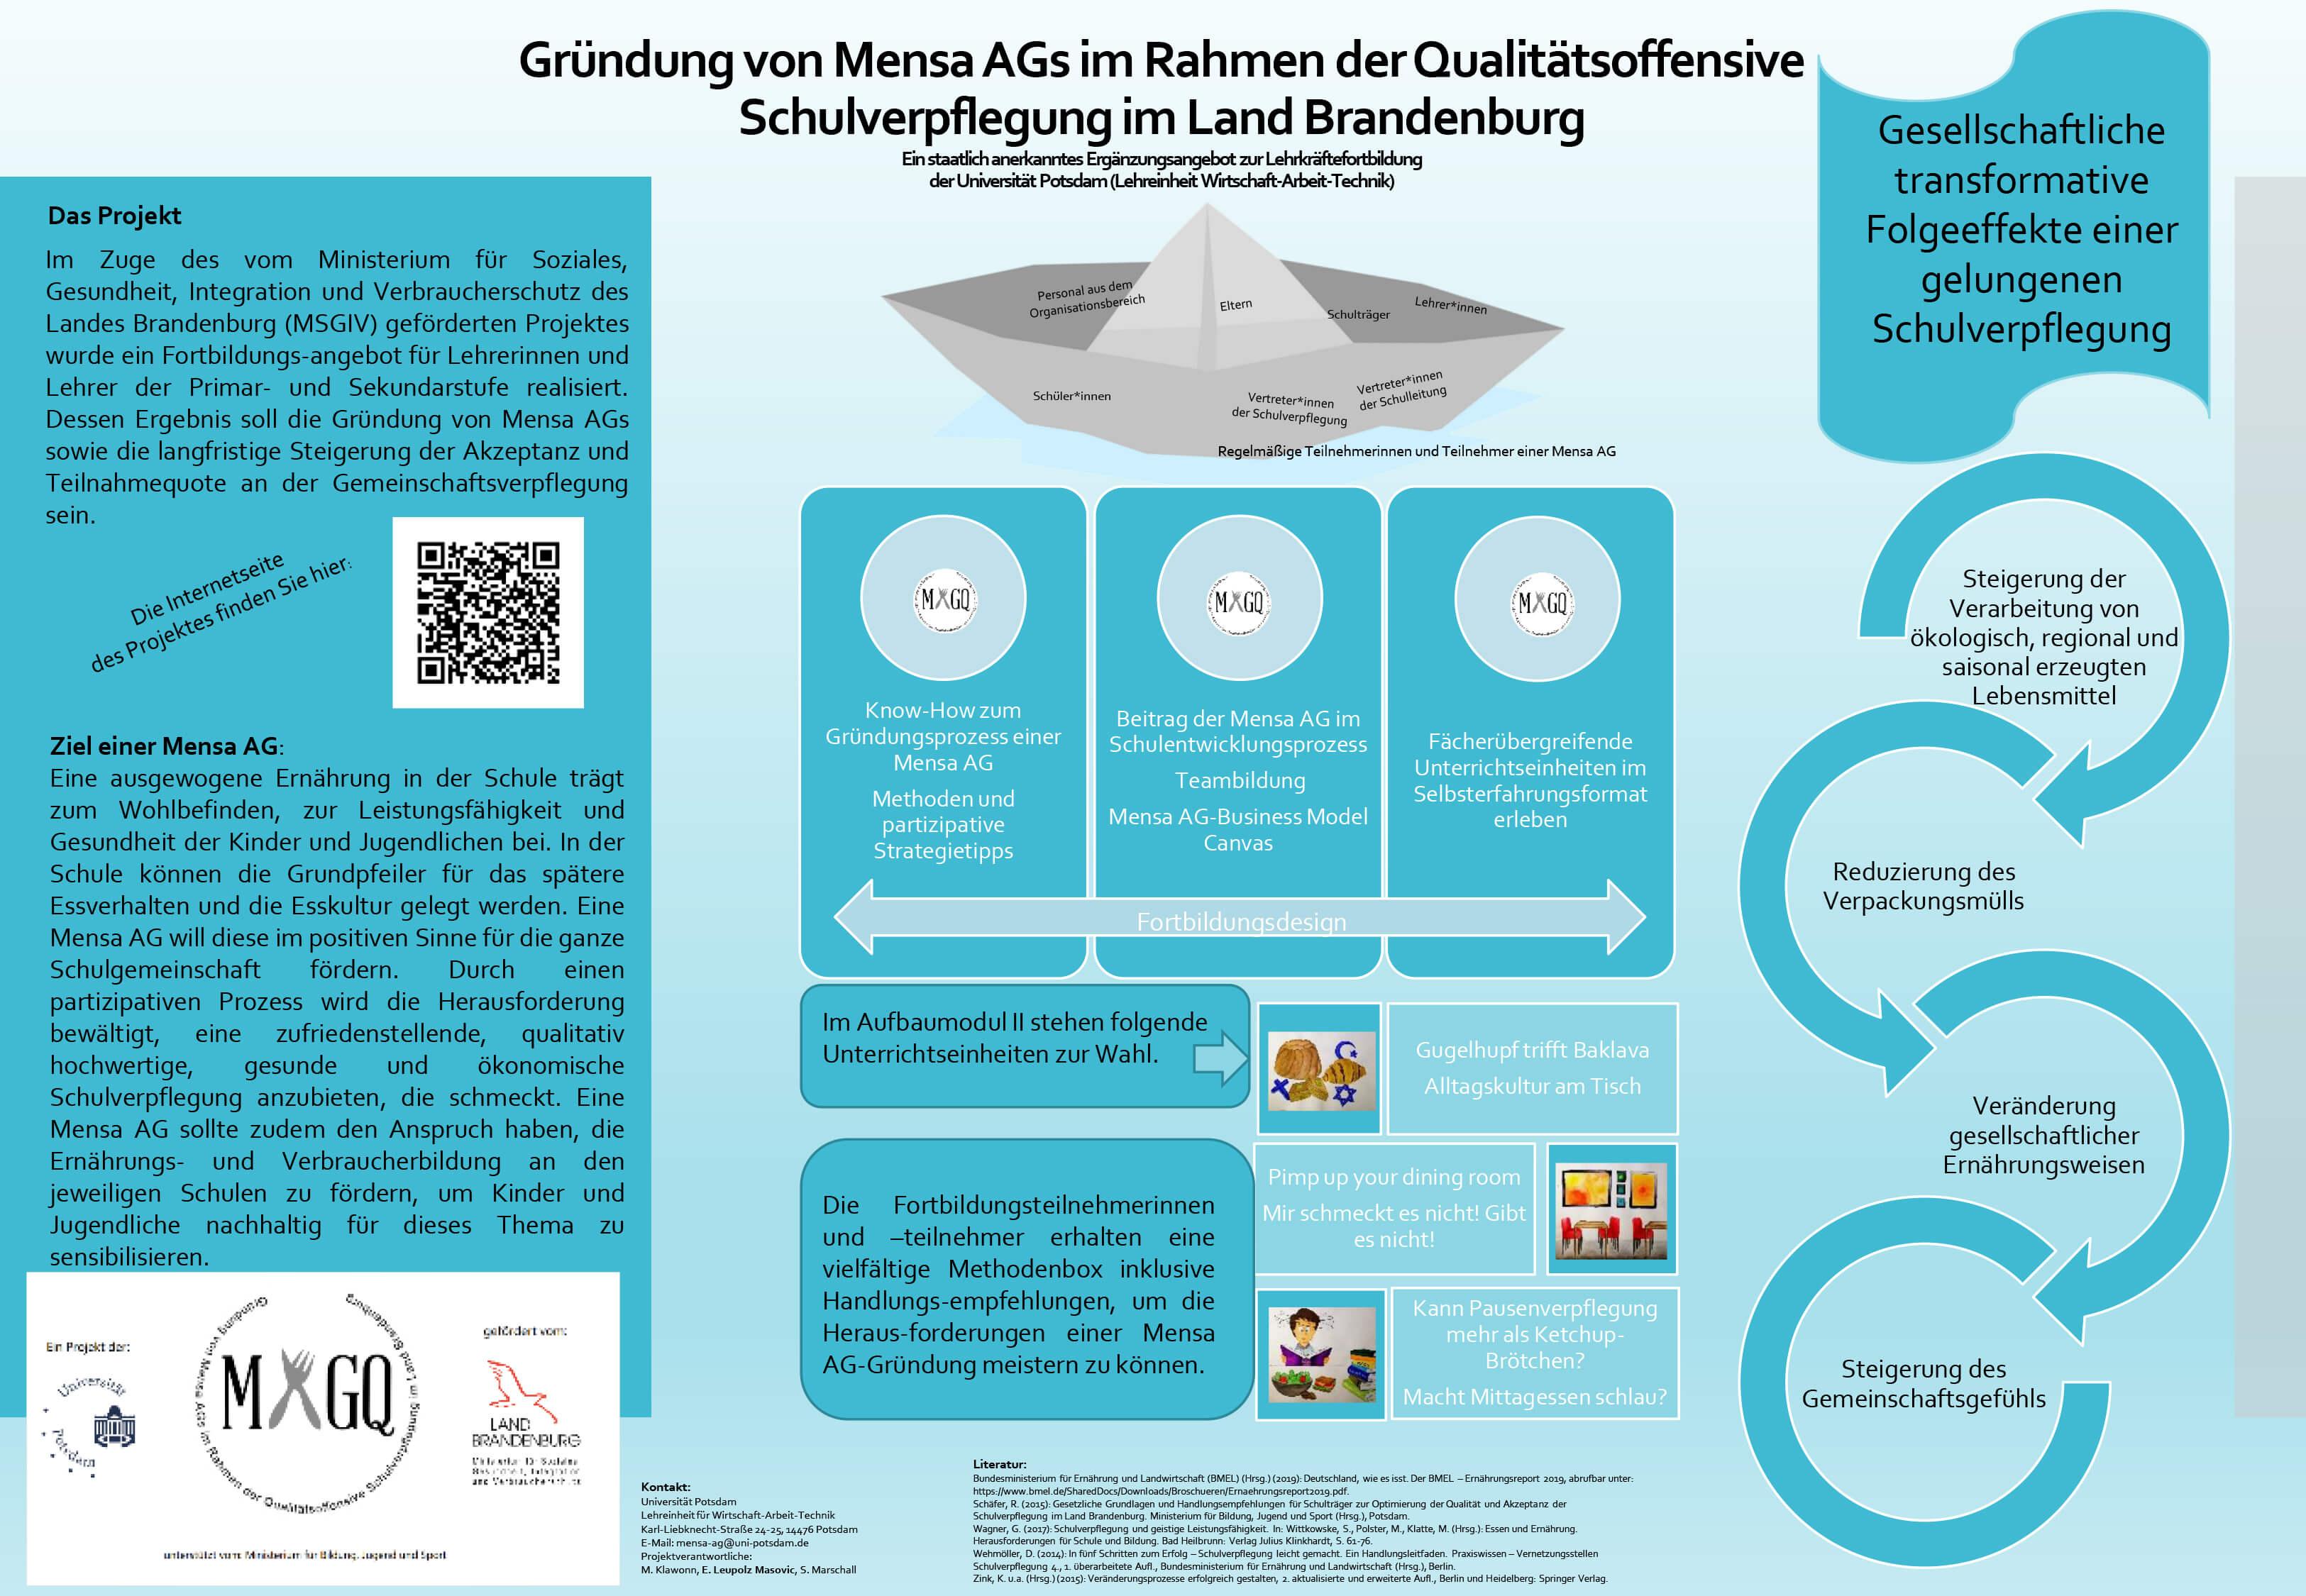 Poster: Mensa AG Schulverpflegung des Landes Brandenburg